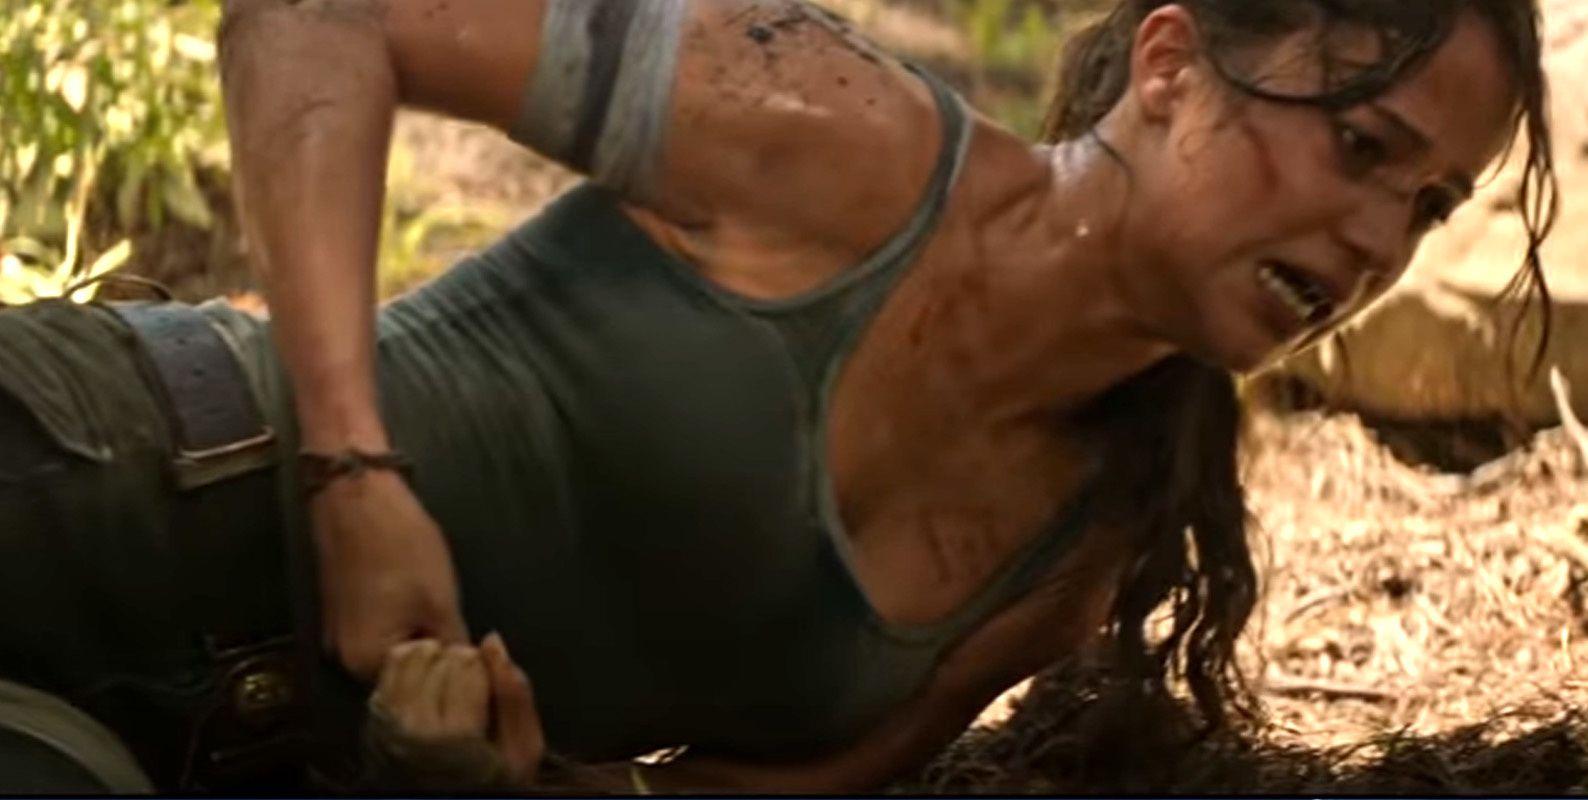 Oui, se retirer un morceau d'écorce planté dans le bide, ça fait mal. Même Rambo, il l'a fait chanter.